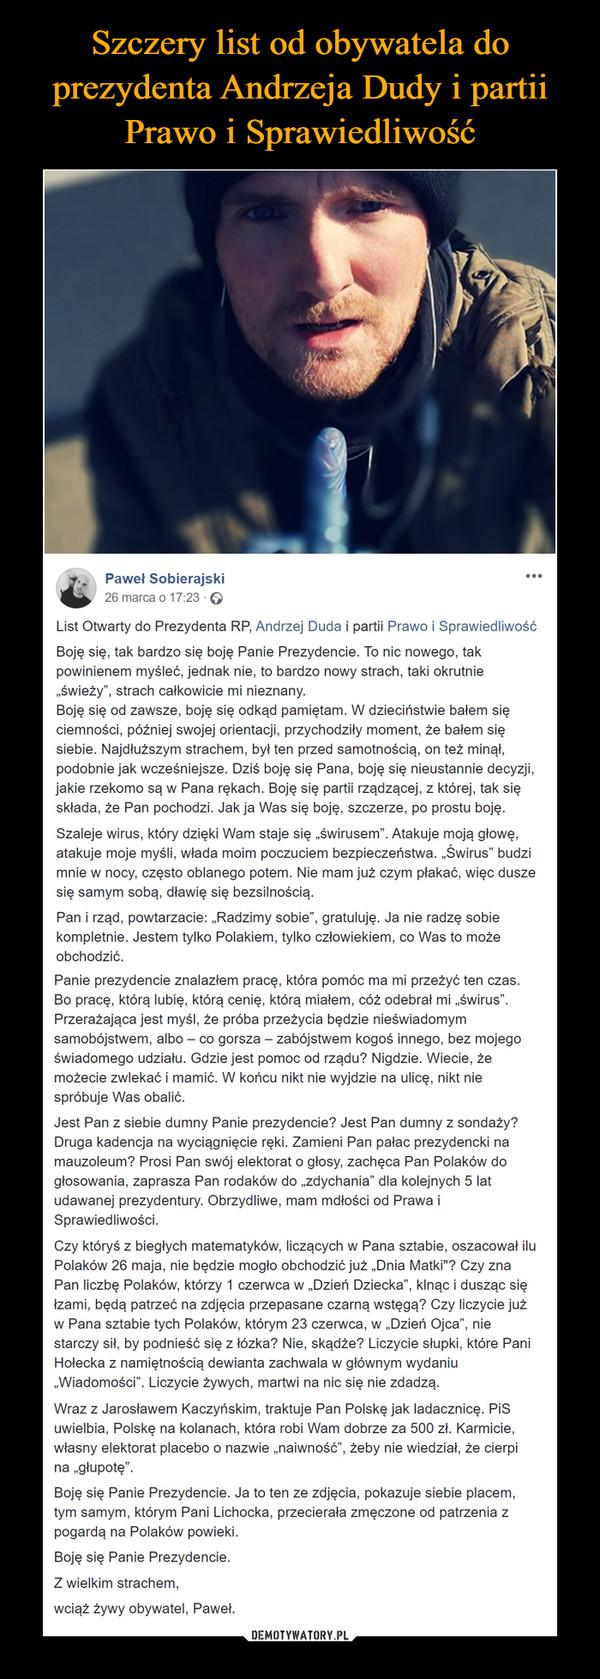 """–  Paweł Sobierajski26 marca o 17:23 · List Otwarty do Prezydenta RP, Andrzej Duda i partii Prawo i SprawiedliwośćBoję się, tak bardzo się boję Panie Prezydencie. To nic nowego, tak powinienem myśleć, jednak nie, to bardzo nowy strach, taki okrutnie """"świeży"""", strach całkowicie mi nieznany.Boję się od zawsze, boję się odkąd pamiętam. W dzieciństwie bałem się ciemności, później swojej orientacji, przychodziły moment, że bałem się siebie. Najdłuższym strachem, był ten przed samotnością, on też minął, podobnie jak wcześniejsze. Dziś boję się Pana, boję się nieustannie decyzji, jakie rzekomo są w Pana rękach. Boję się partii rządzącej, z której, tak się składa, że Pan pochodzi. Jak ja Was się boję, szczerze, po prostu boję.Szaleje wirus, który dzięki Wam staje się """"świrusem"""". Atakuje moją głowę, atakuje moje myśli, włada moim poczuciem bezpieczeństwa. """"Świrus"""" budzi mnie w nocy, często oblanego potem. Nie mam już czym płakać, więc dusze się samym sobą, dławię się bezsilnością.Pan i rząd, powtarzacie: """"Radzimy sobie"""", gratuluję. Ja nie radzę sobie kompletnie. Jestem tylko Polakiem, tylko człowiekiem, co Was to może obchodzić.Panie prezydencie znalazłem pracę, która pomóc ma mi przeżyć ten czas. Bo pracę, którą lubię, którą cenię, którą miałem, cóż odebrał mi """"świrus"""". Przerażająca jest myśl, że próba przeżycia będzie nieświadomym samobójstwem, albo – co gorsza – zabójstwem kogoś innego, bez mojego świadomego udziału. Gdzie jest pomoc od rządu? Nigdzie. Wiecie, że możecie zwlekać i mamić. W końcu nikt nie wyjdzie na ulicę, nikt nie spróbuje Was obalić.Jest Pan z siebie dumny Panie prezydencie? Jest Pan dumny z sondaży? Druga kadencja na wyciągnięcie ręki. Zamieni Pan pałac prezydencki na mauzoleum? Prosi Pan swój elektorat o głosy, zachęca Pan Polaków do głosowania, zaprasza Pan rodaków do """"zdychania"""" dla kolejnych 5 lat udawanej prezydentury. Obrzydliwe, mam mdłości od Prawa i Sprawiedliwości.Czy któryś z biegłych matematyków, liczących w Pana sztabie, oszacował ilu Polak"""